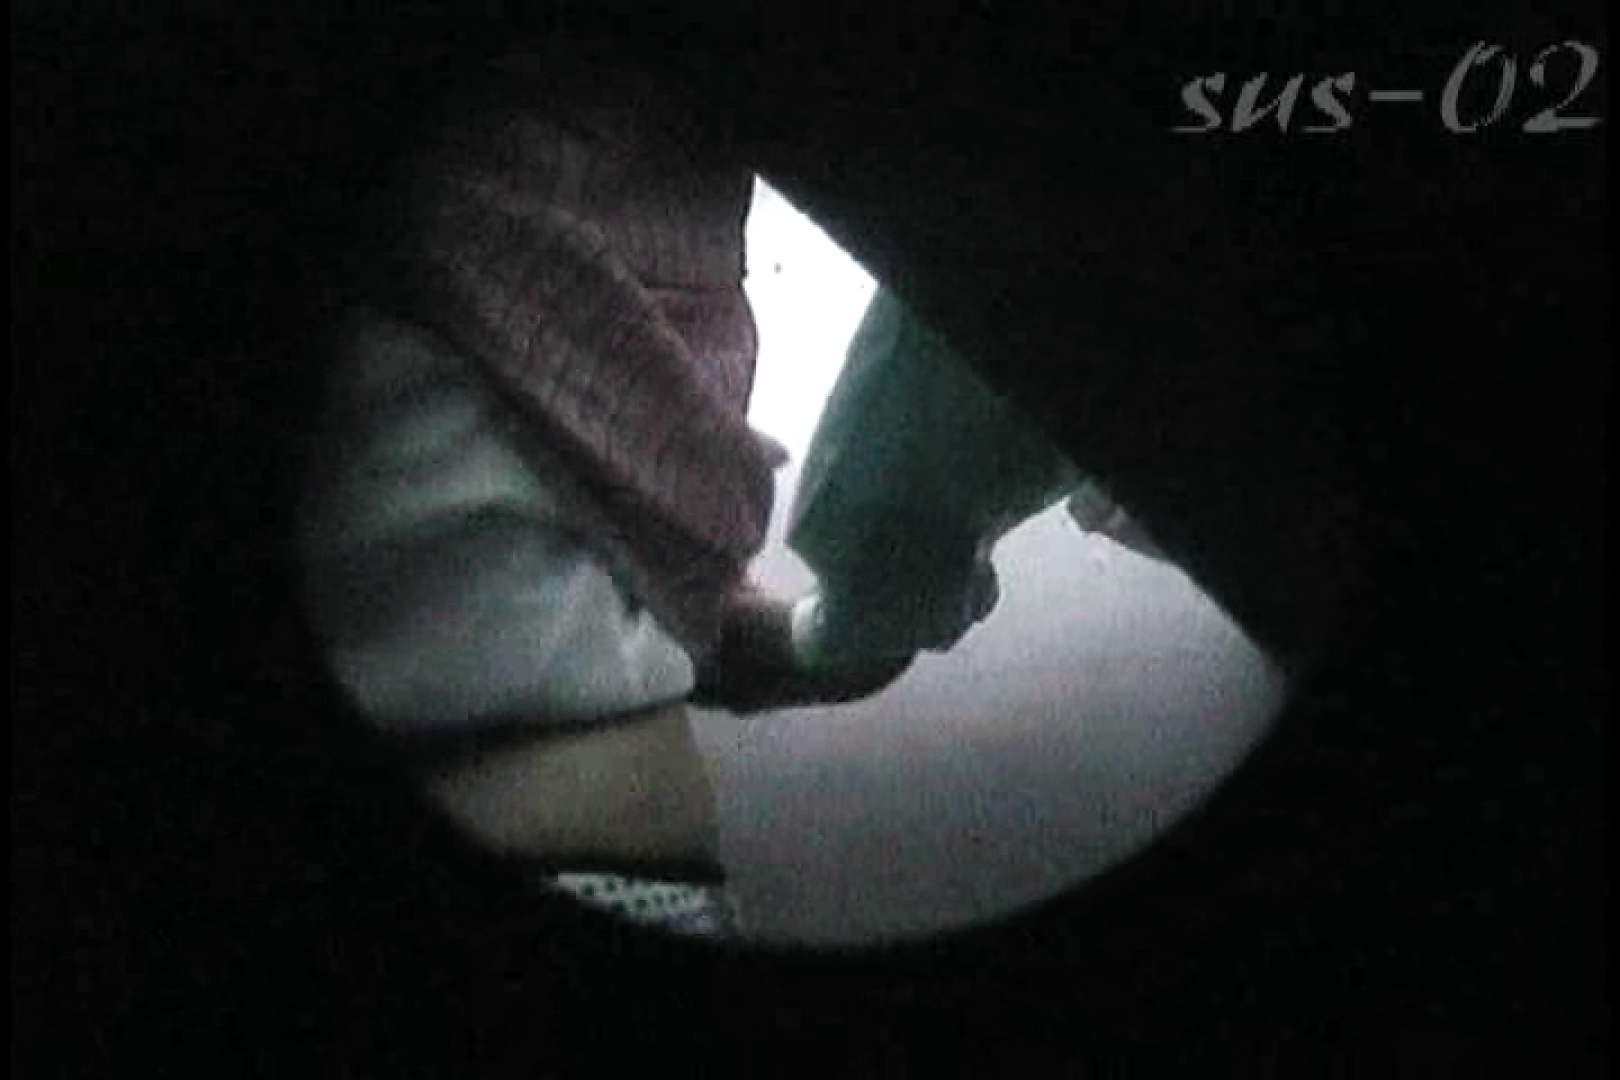 サターンさんのウル技炸裂!!夏乙女★海の家シャワー室絵巻 Vol.02 シャワー室  95枚 63